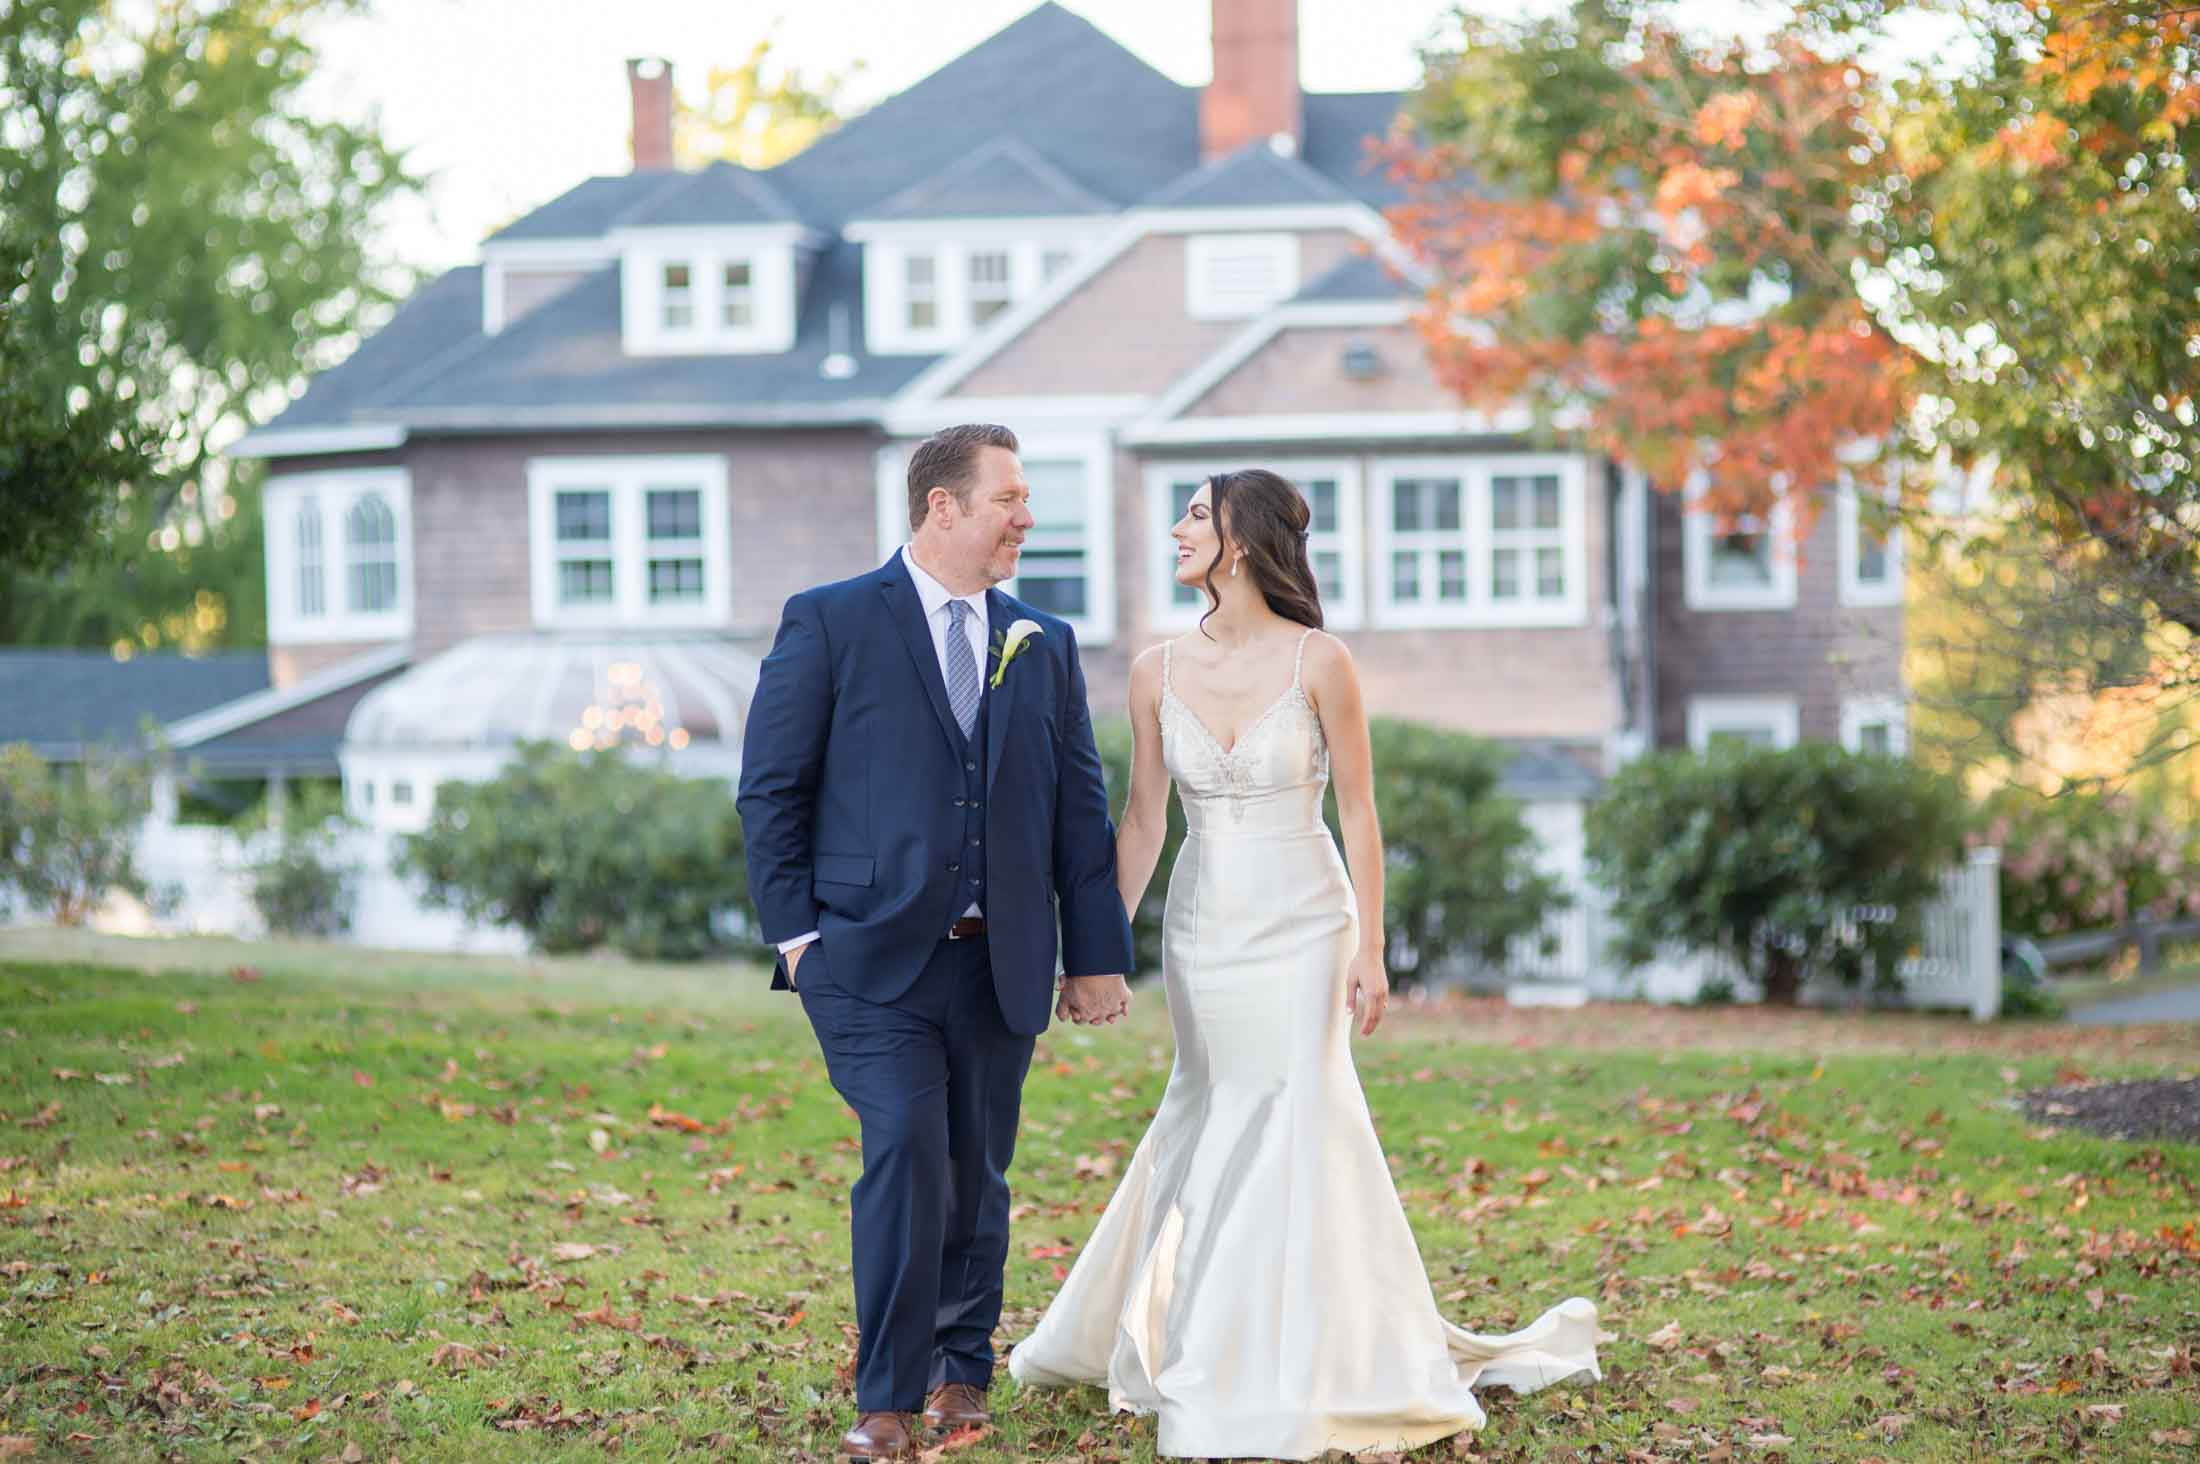 bride-groom-walking-across-lawn-at-vineyard-style-wedding